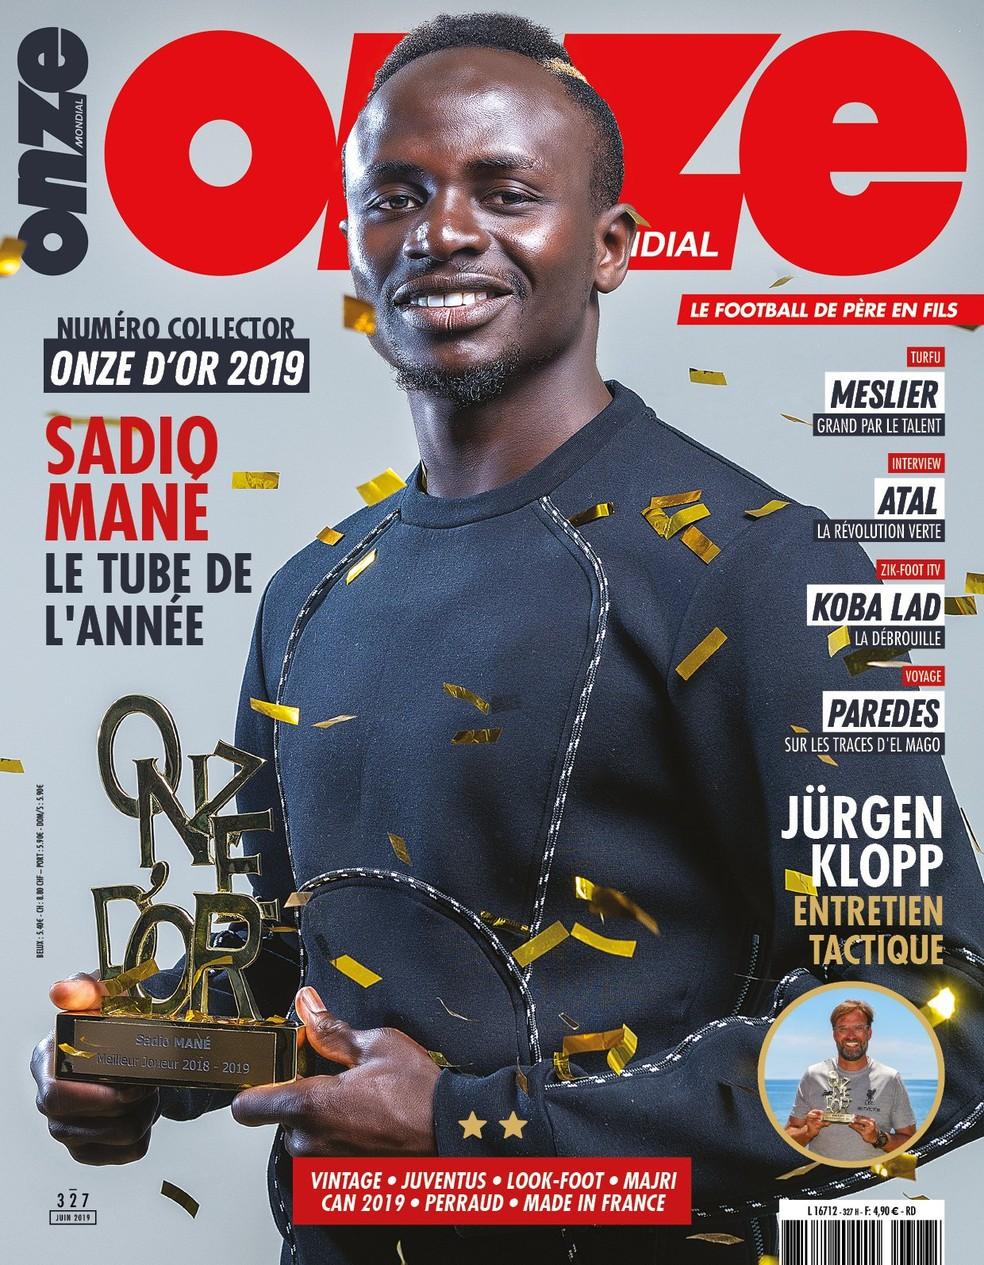 Capa da revista francesa Onze Mondial com Sadio Mané ganhador do Onze D'Or — Foto: Reprodução